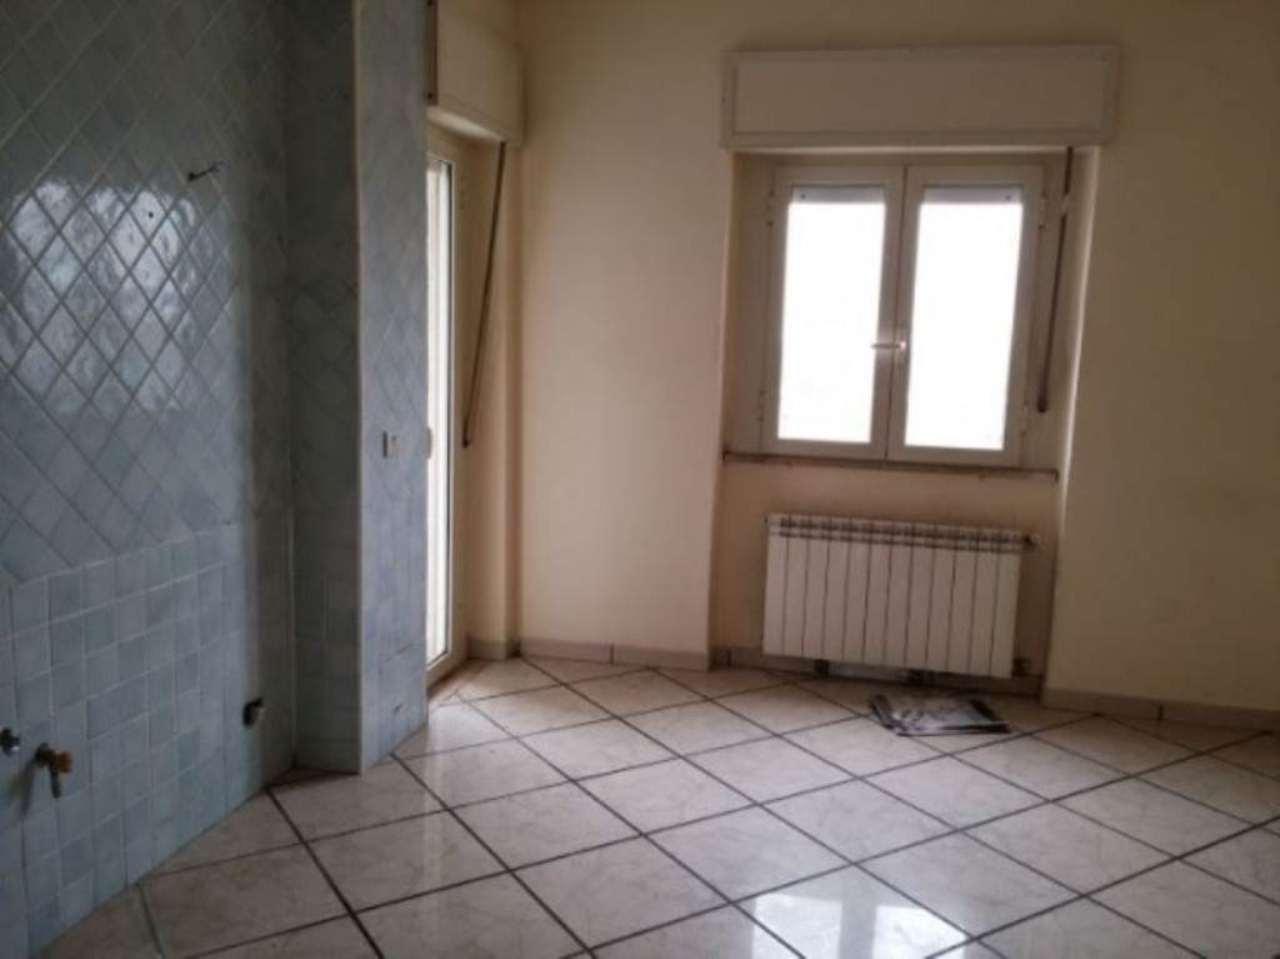 Appartamento in vendita a Giugliano in Campania, 3 locali, prezzo € 79.000 | Cambio Casa.it